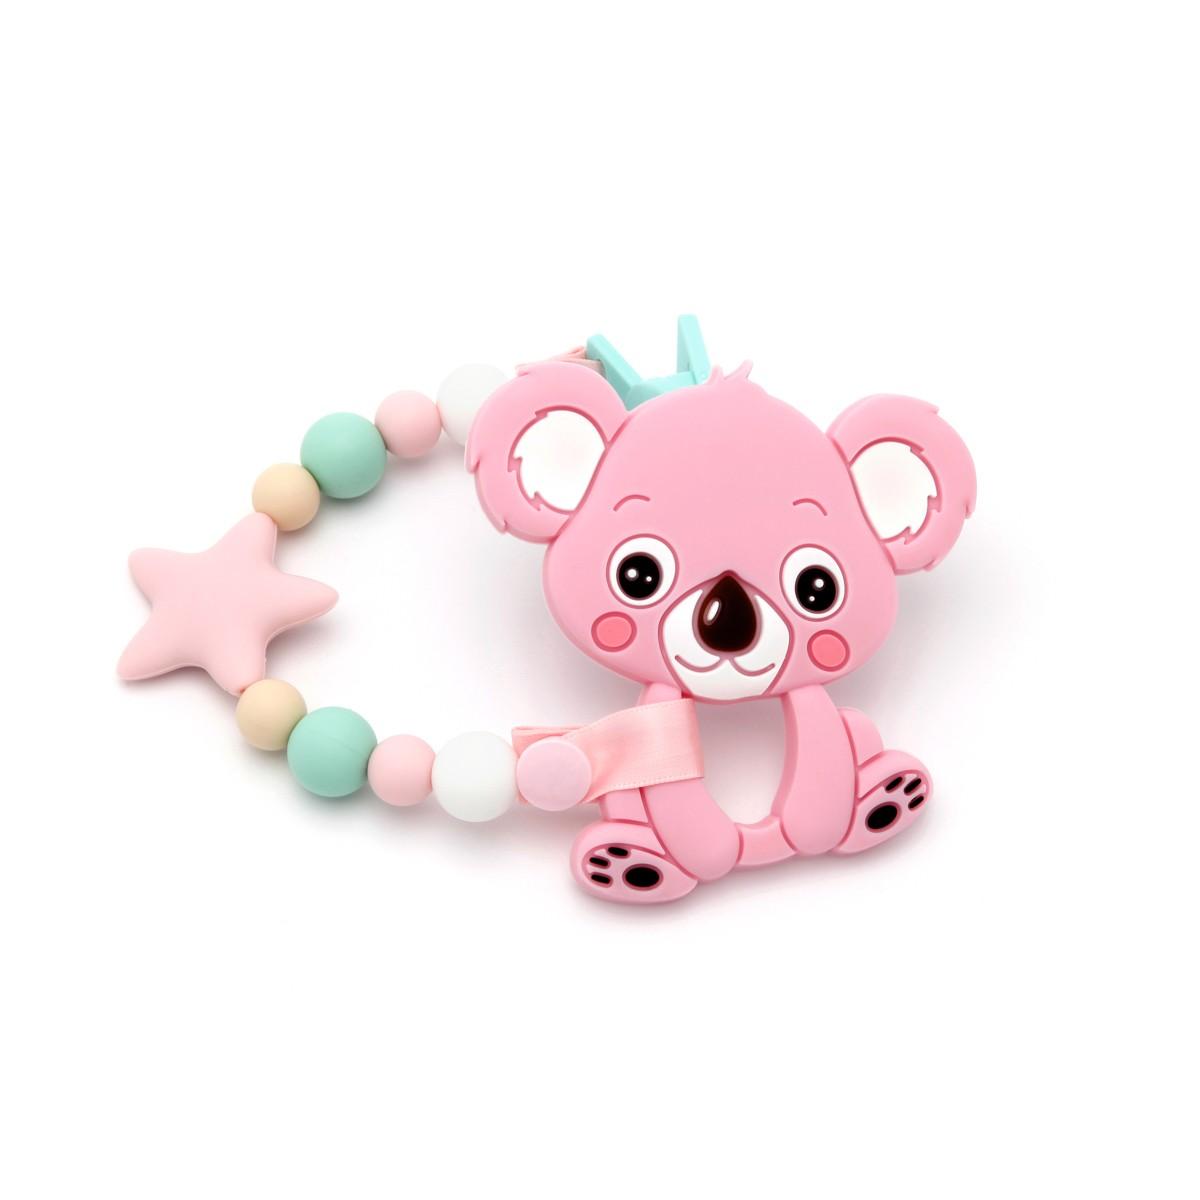 Pacote de Presente Com Tira de Chucha Star Pink&Mint e Mordedor Koala